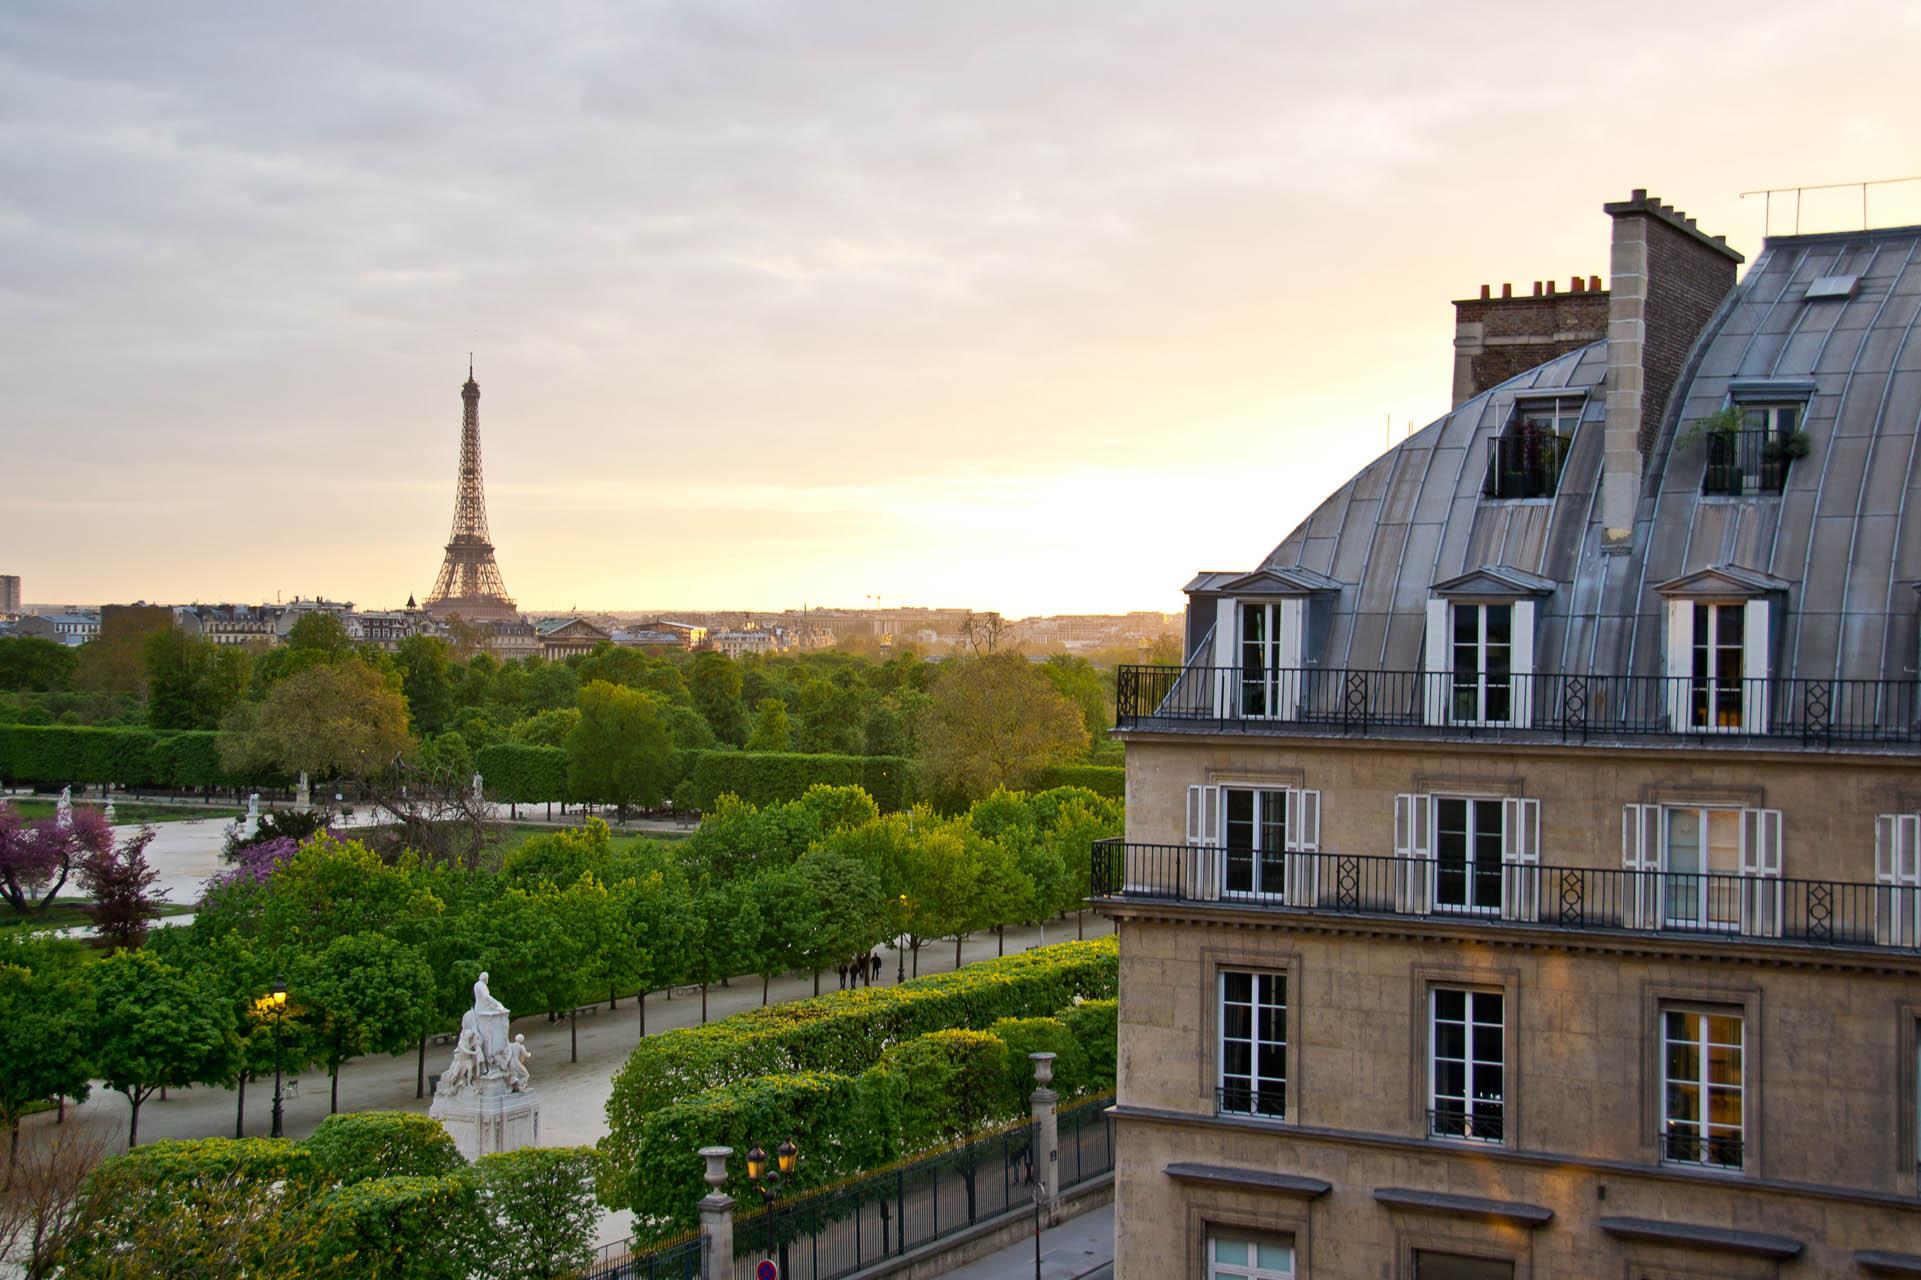 With a view of the le Tour Eiffel, s'il vous plaît!